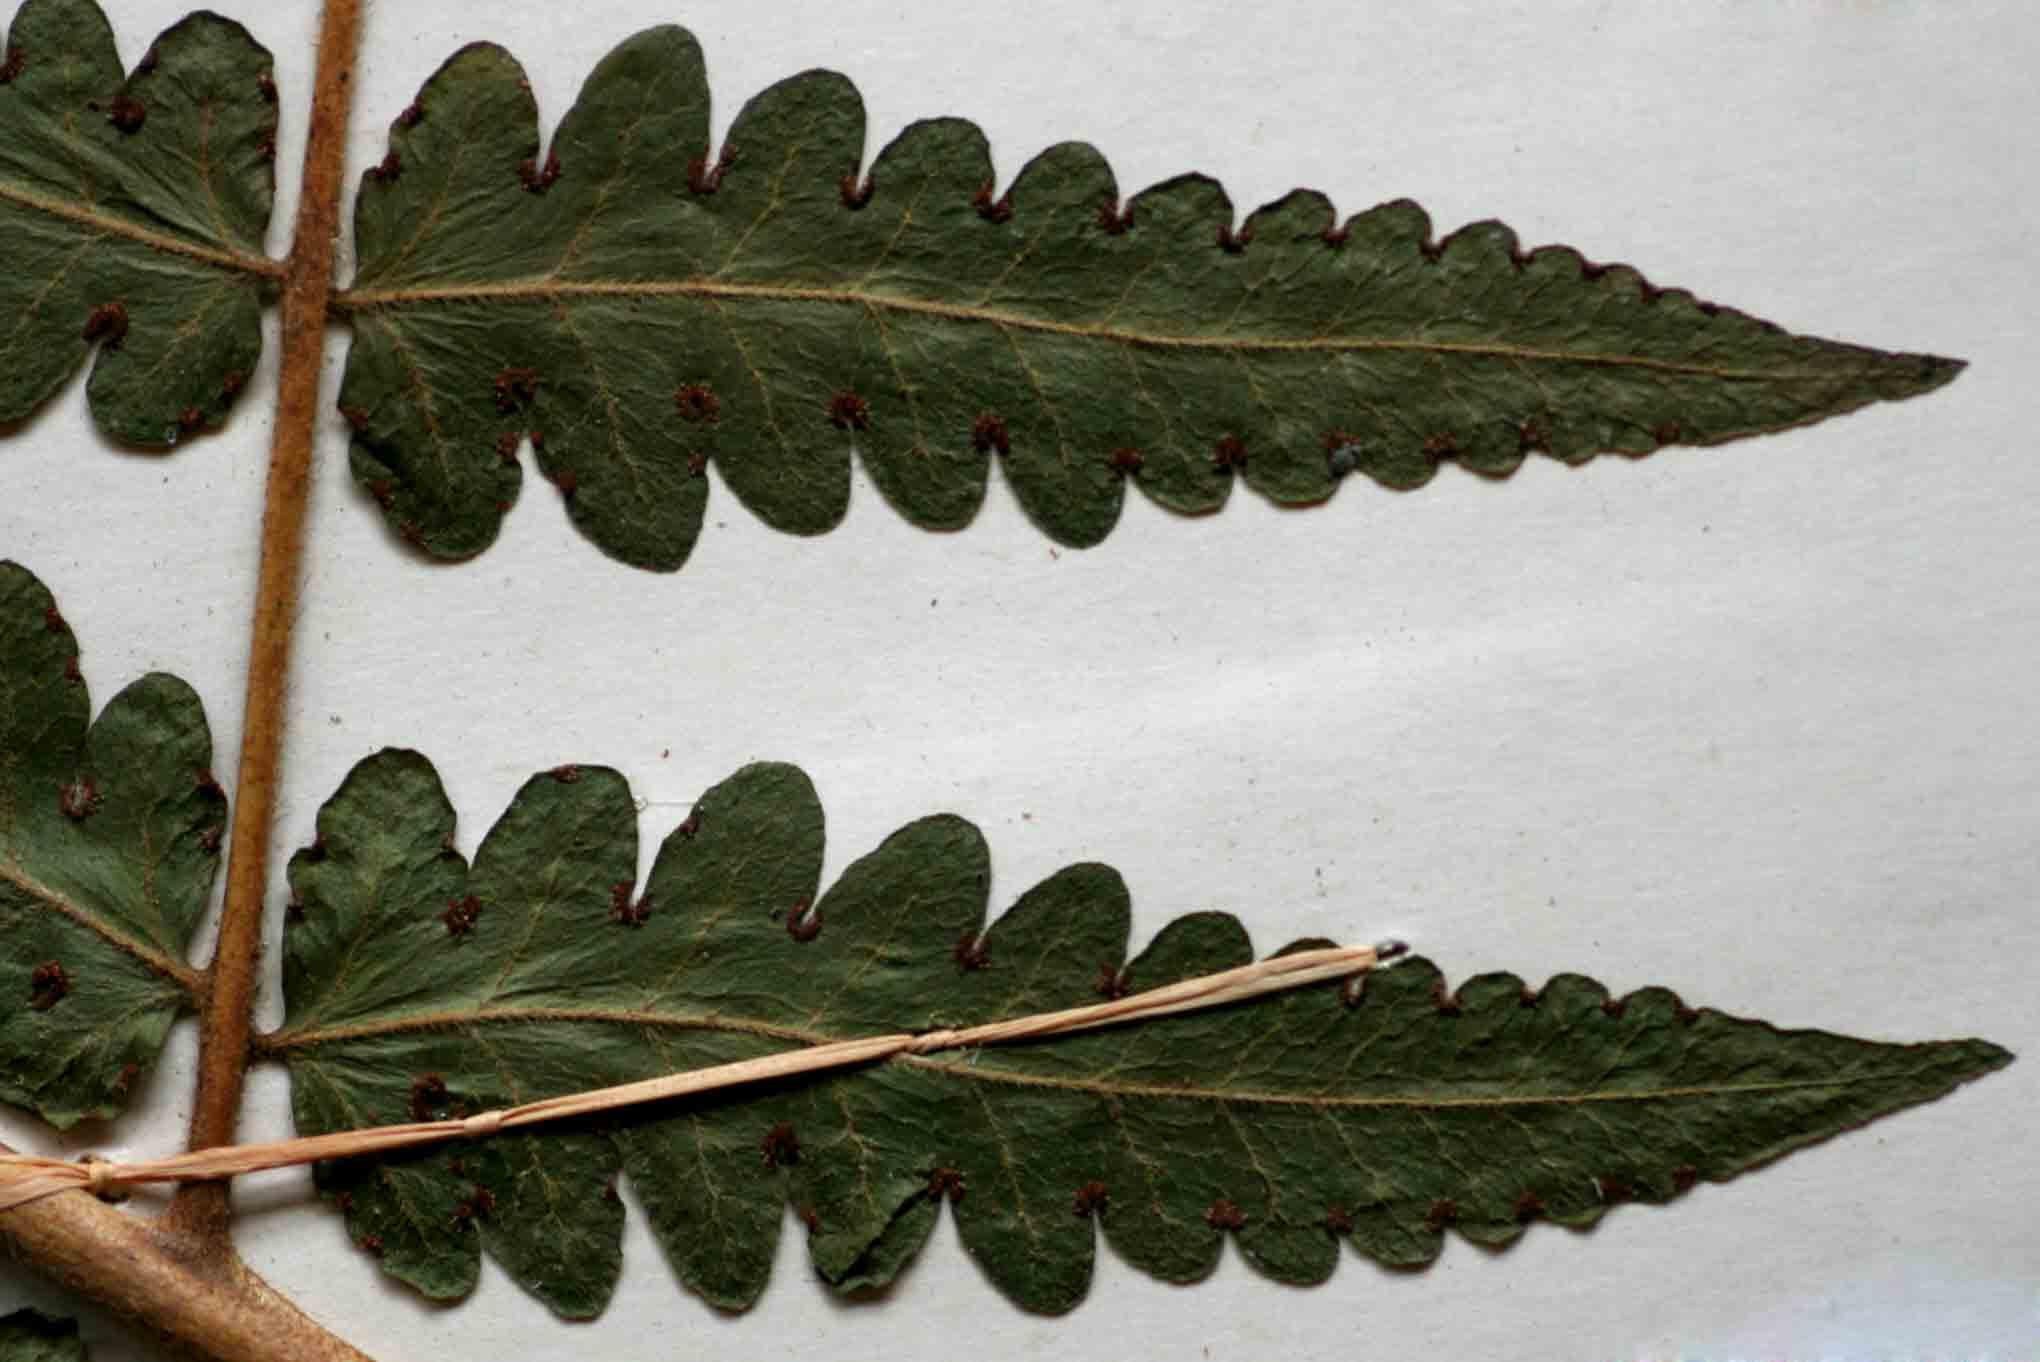 Blotiella natalensis